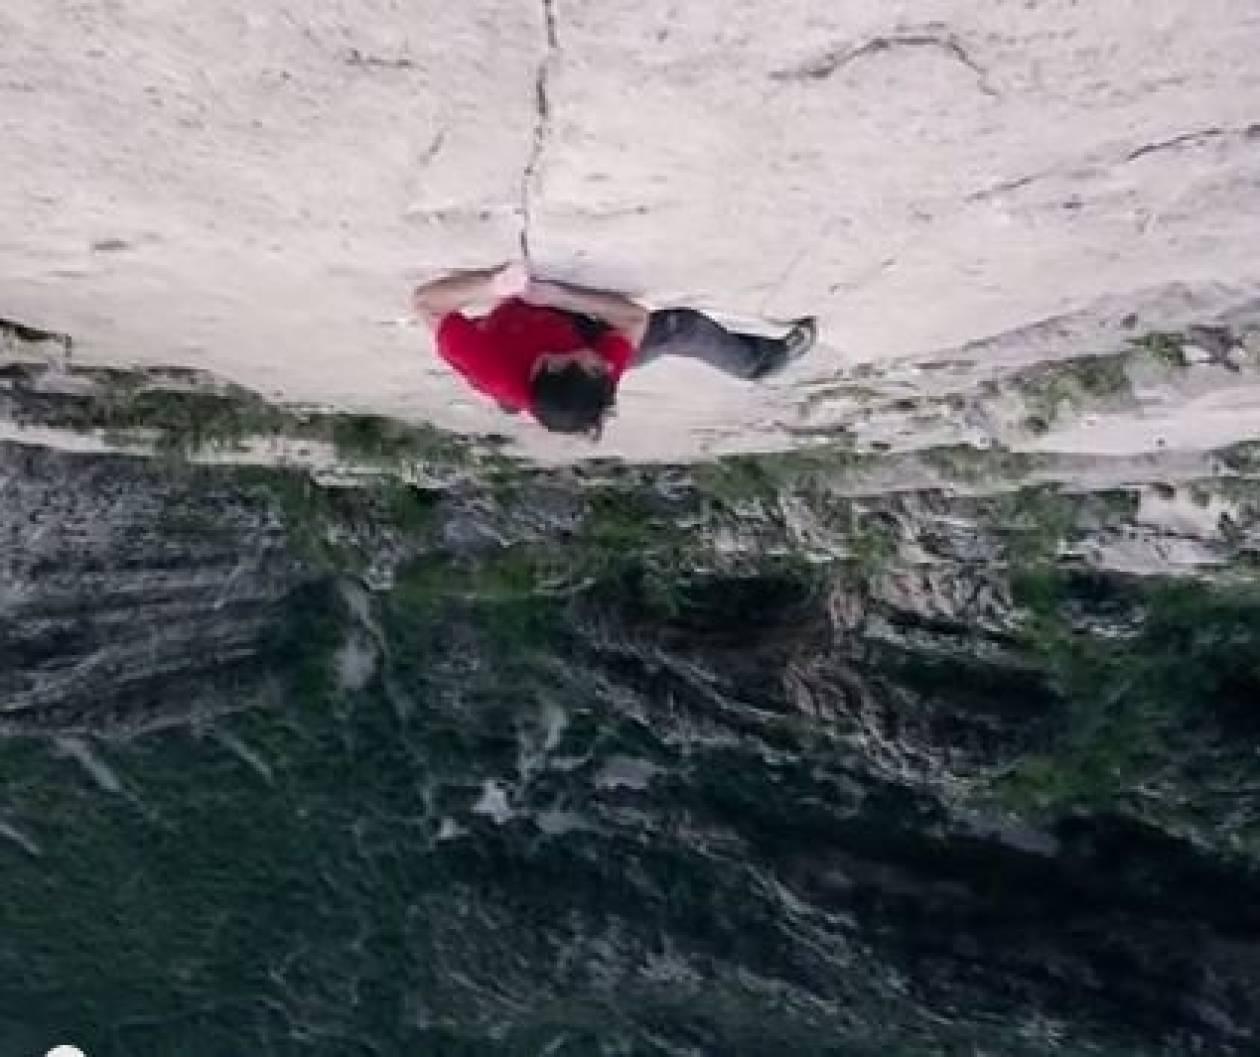 Βίντεο που κόβει την ανάσα! Χωρίς σκοινί σε 500 μέτρα υψόμετρο